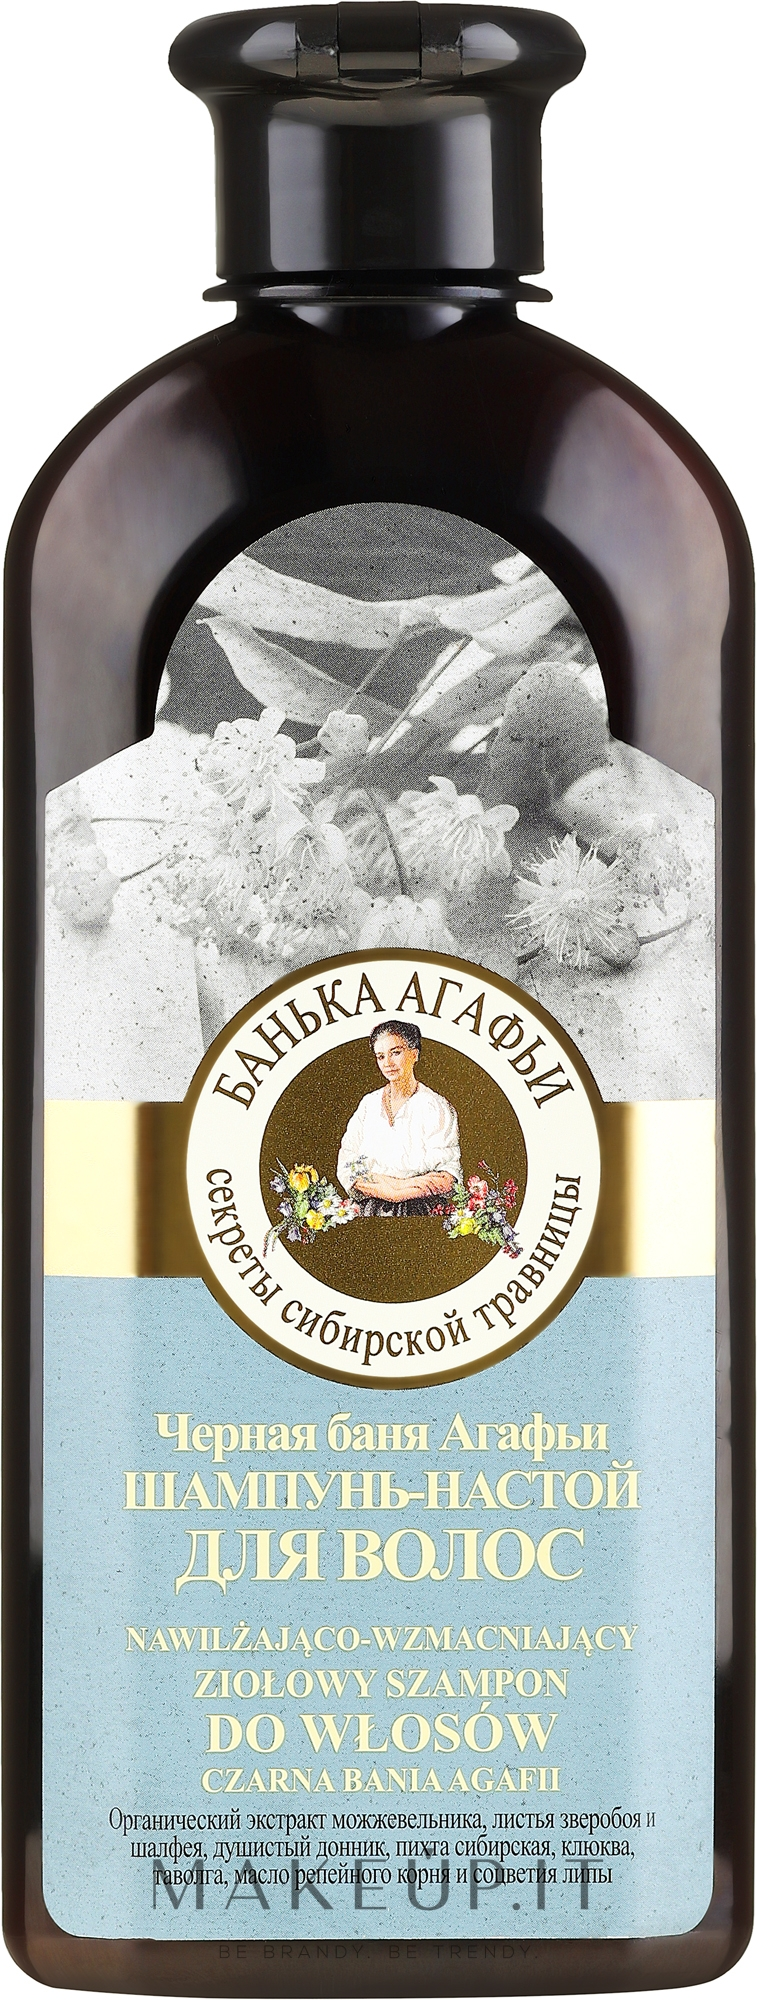 """Shampoo-infusione per capelli """"Bagno nero Agafia"""" - Ricette della nonna Agafia Bania  — foto 350 ml"""